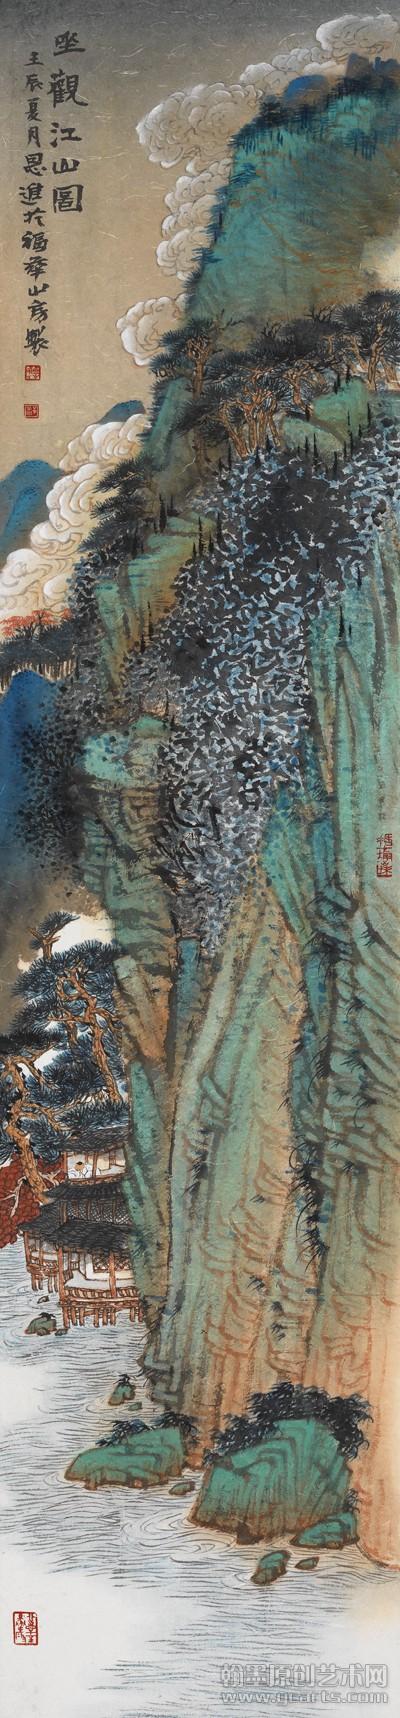 坐观江山图